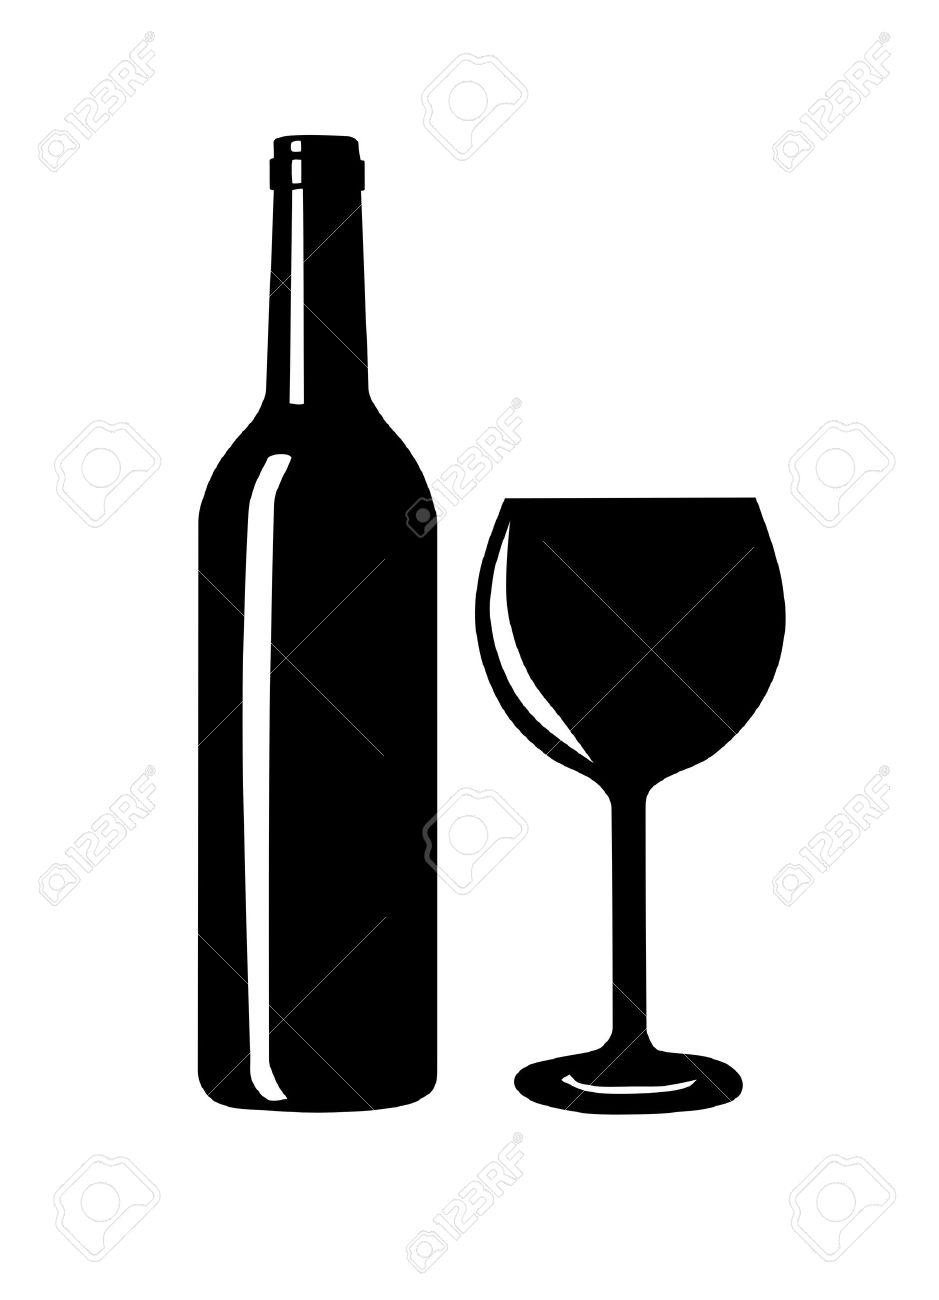 wine bottle and glass silhouette vector illustration royalty free rh 123rf com wine bottle vector art wine bottle vector image